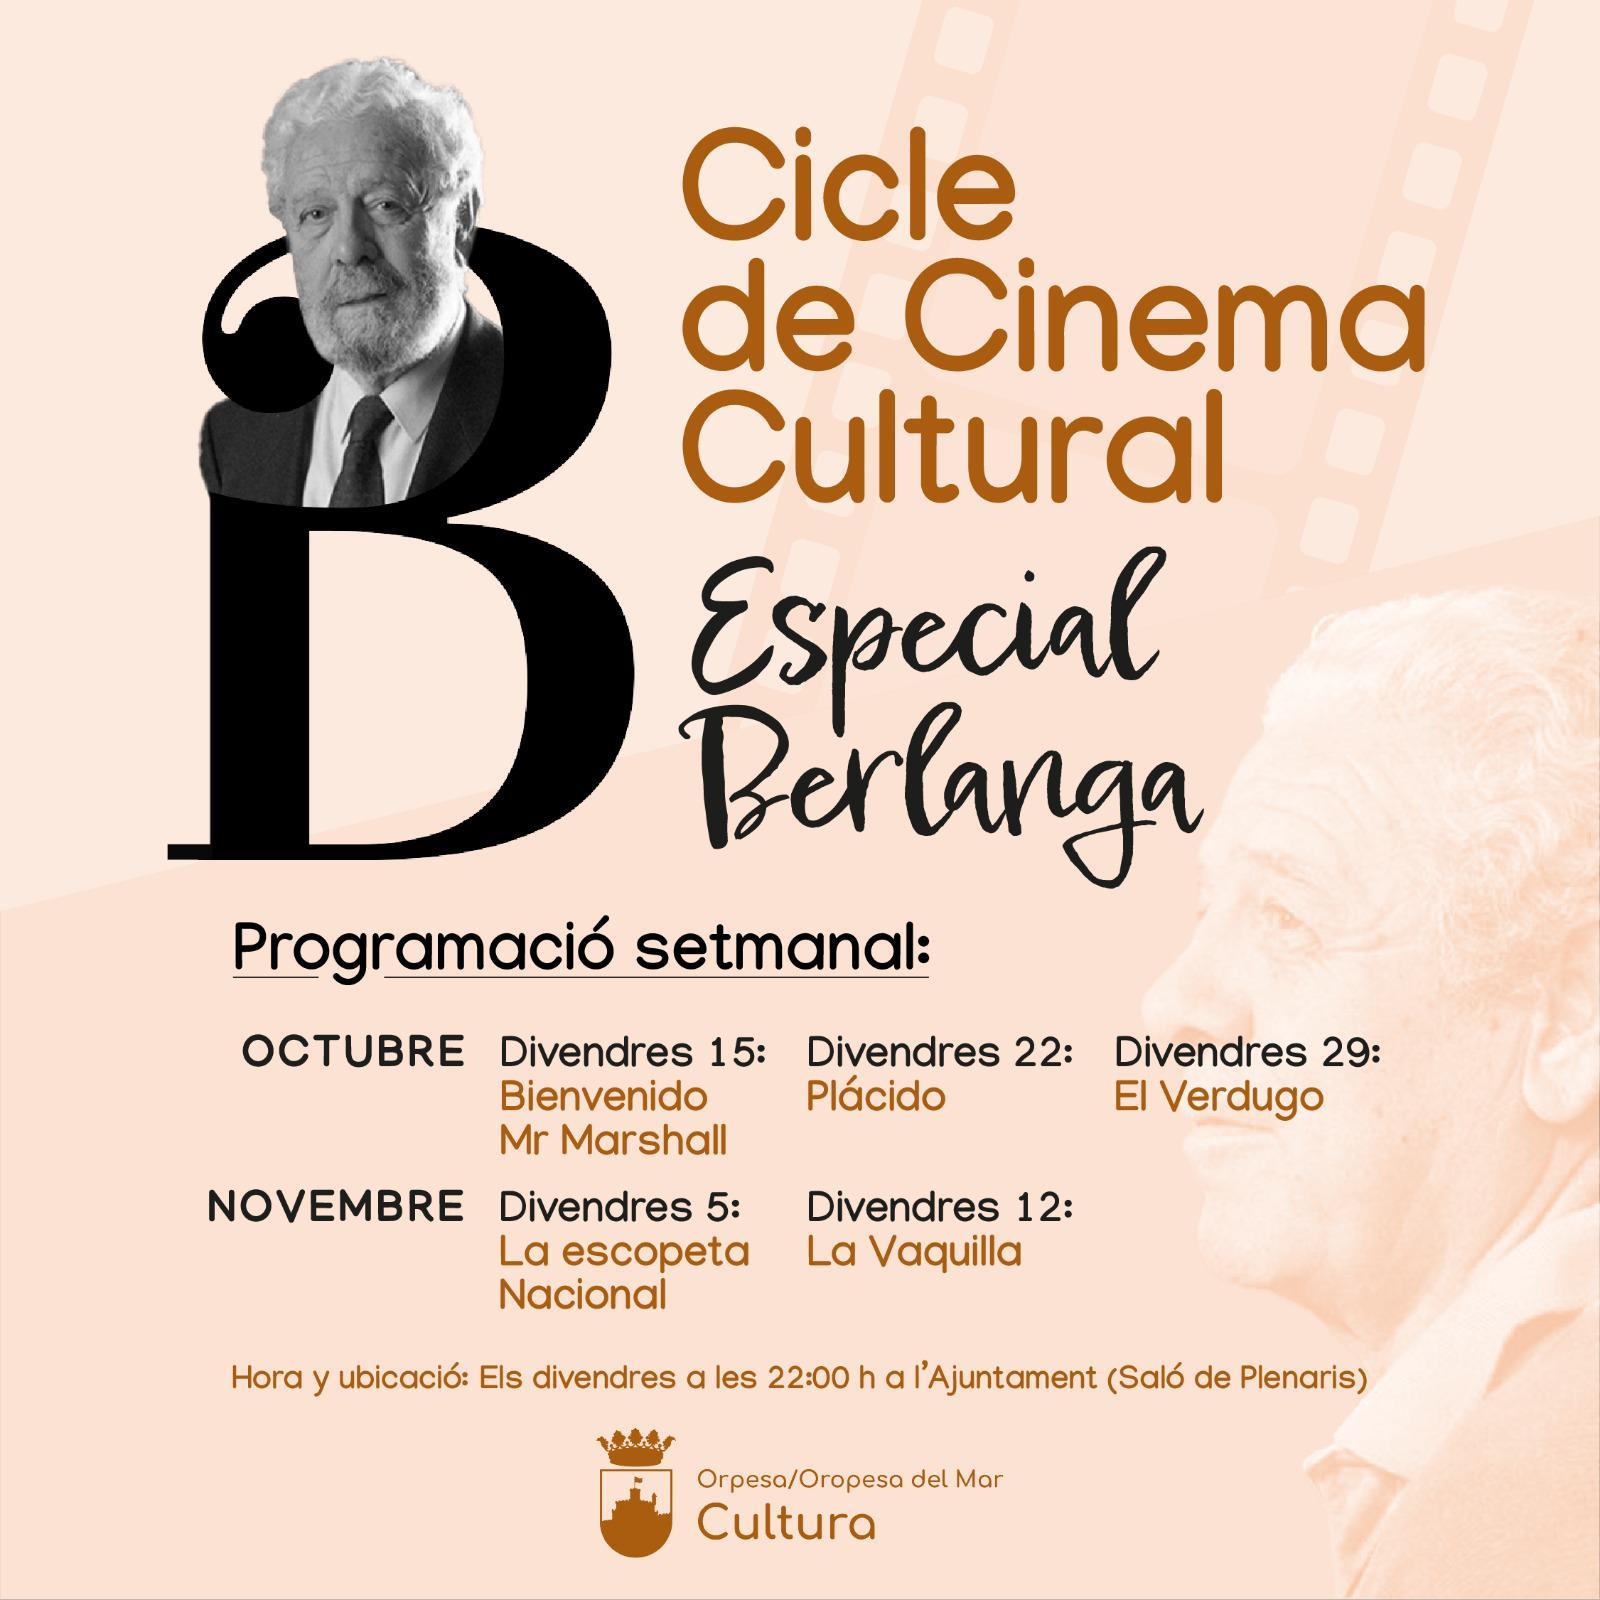 Oropesa del Mar arranca la celebración del Año Berlanga con el ciclo de cine cultural